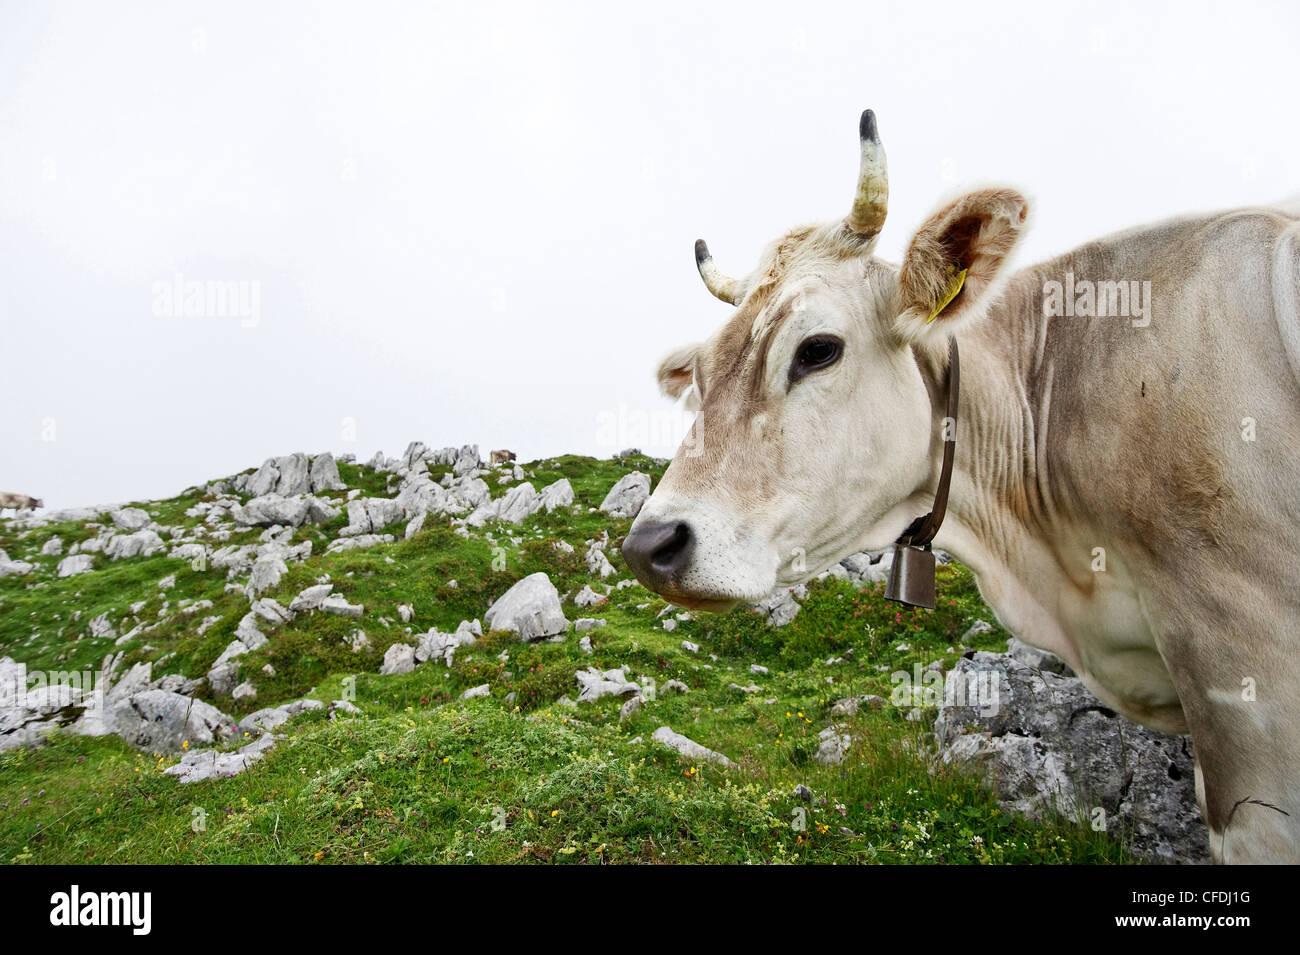 Kuh auf der Ebenalp, Alpsteingebirge, Säntis, Appenzeller Land, Schweiz, Europa Stockbild